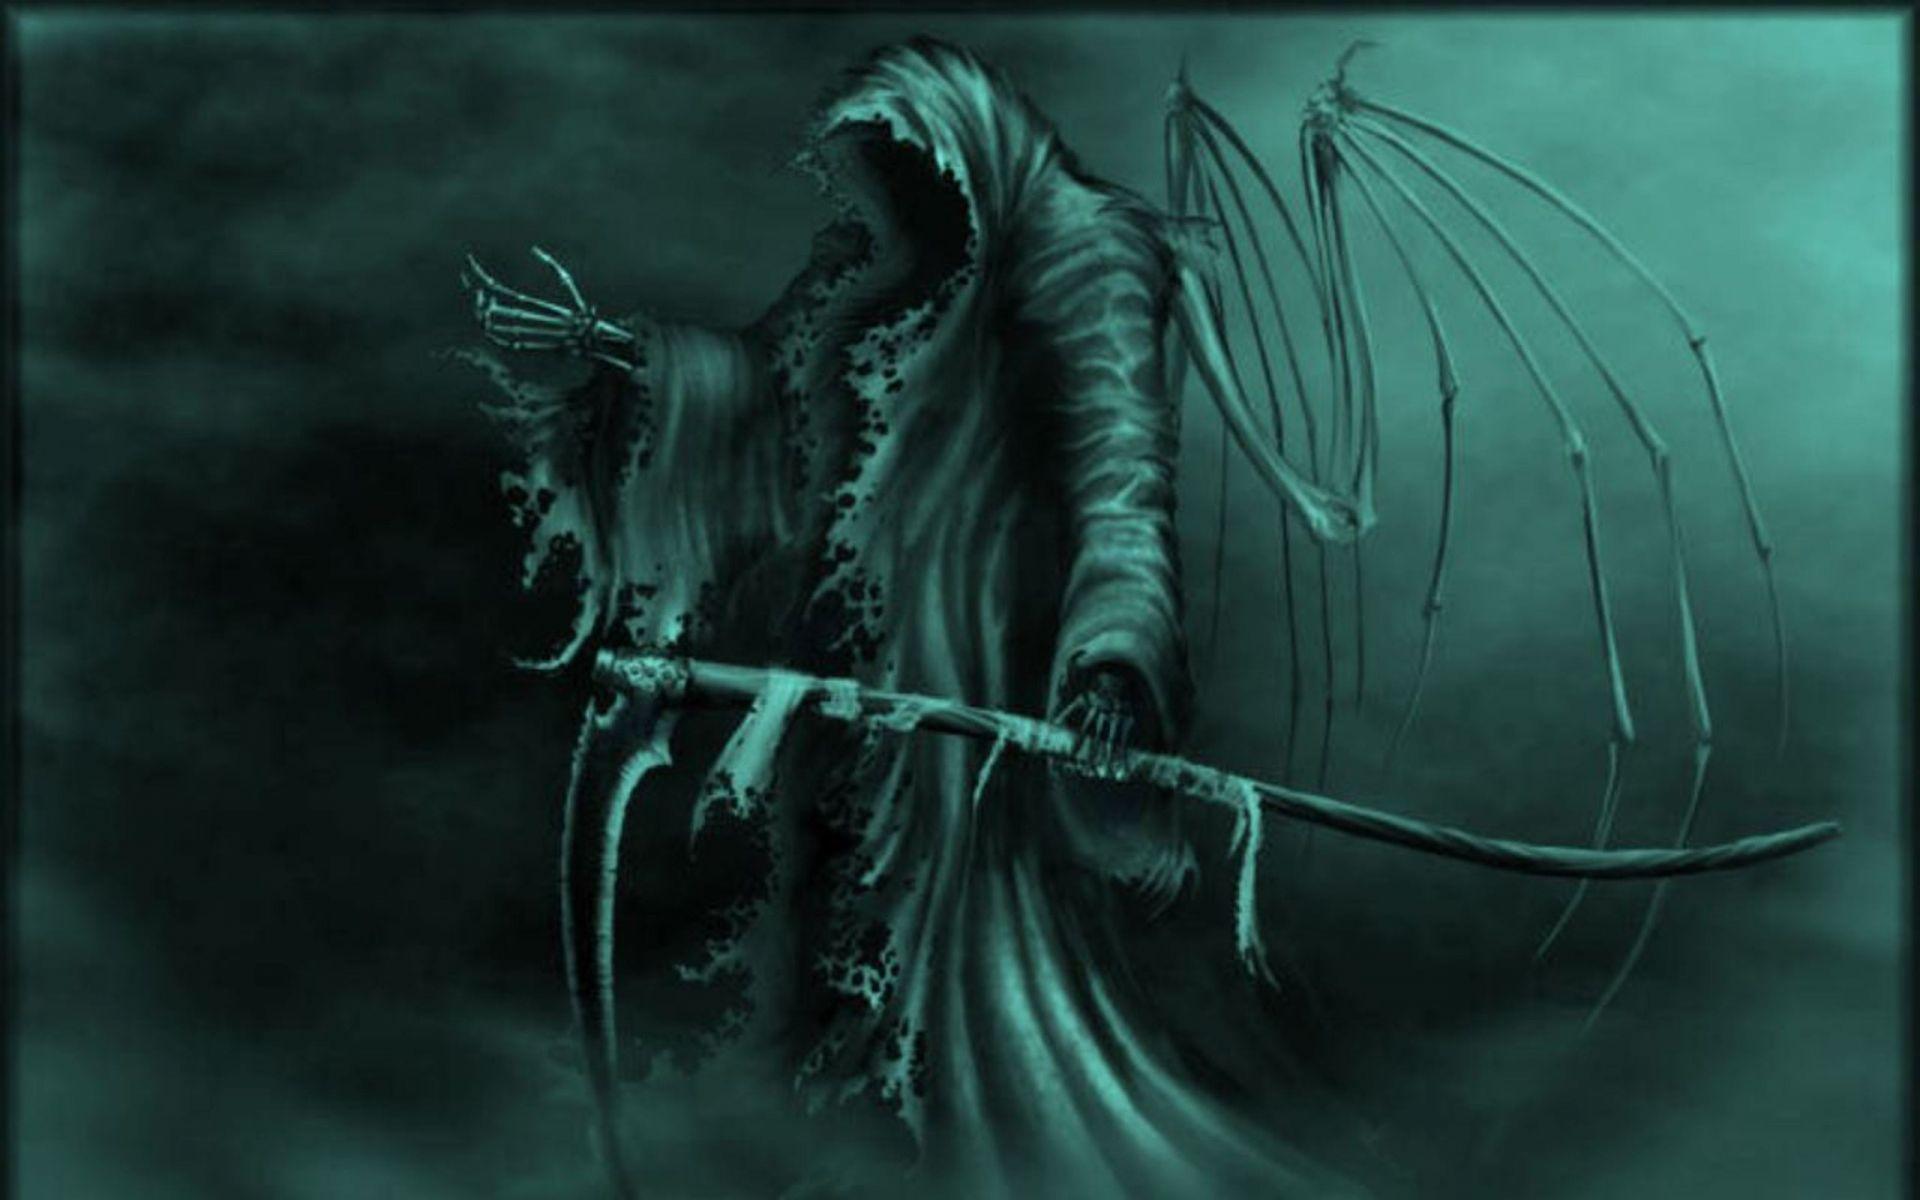 Dark Horror Wallpapers - Top Free Dark Horror Backgrounds